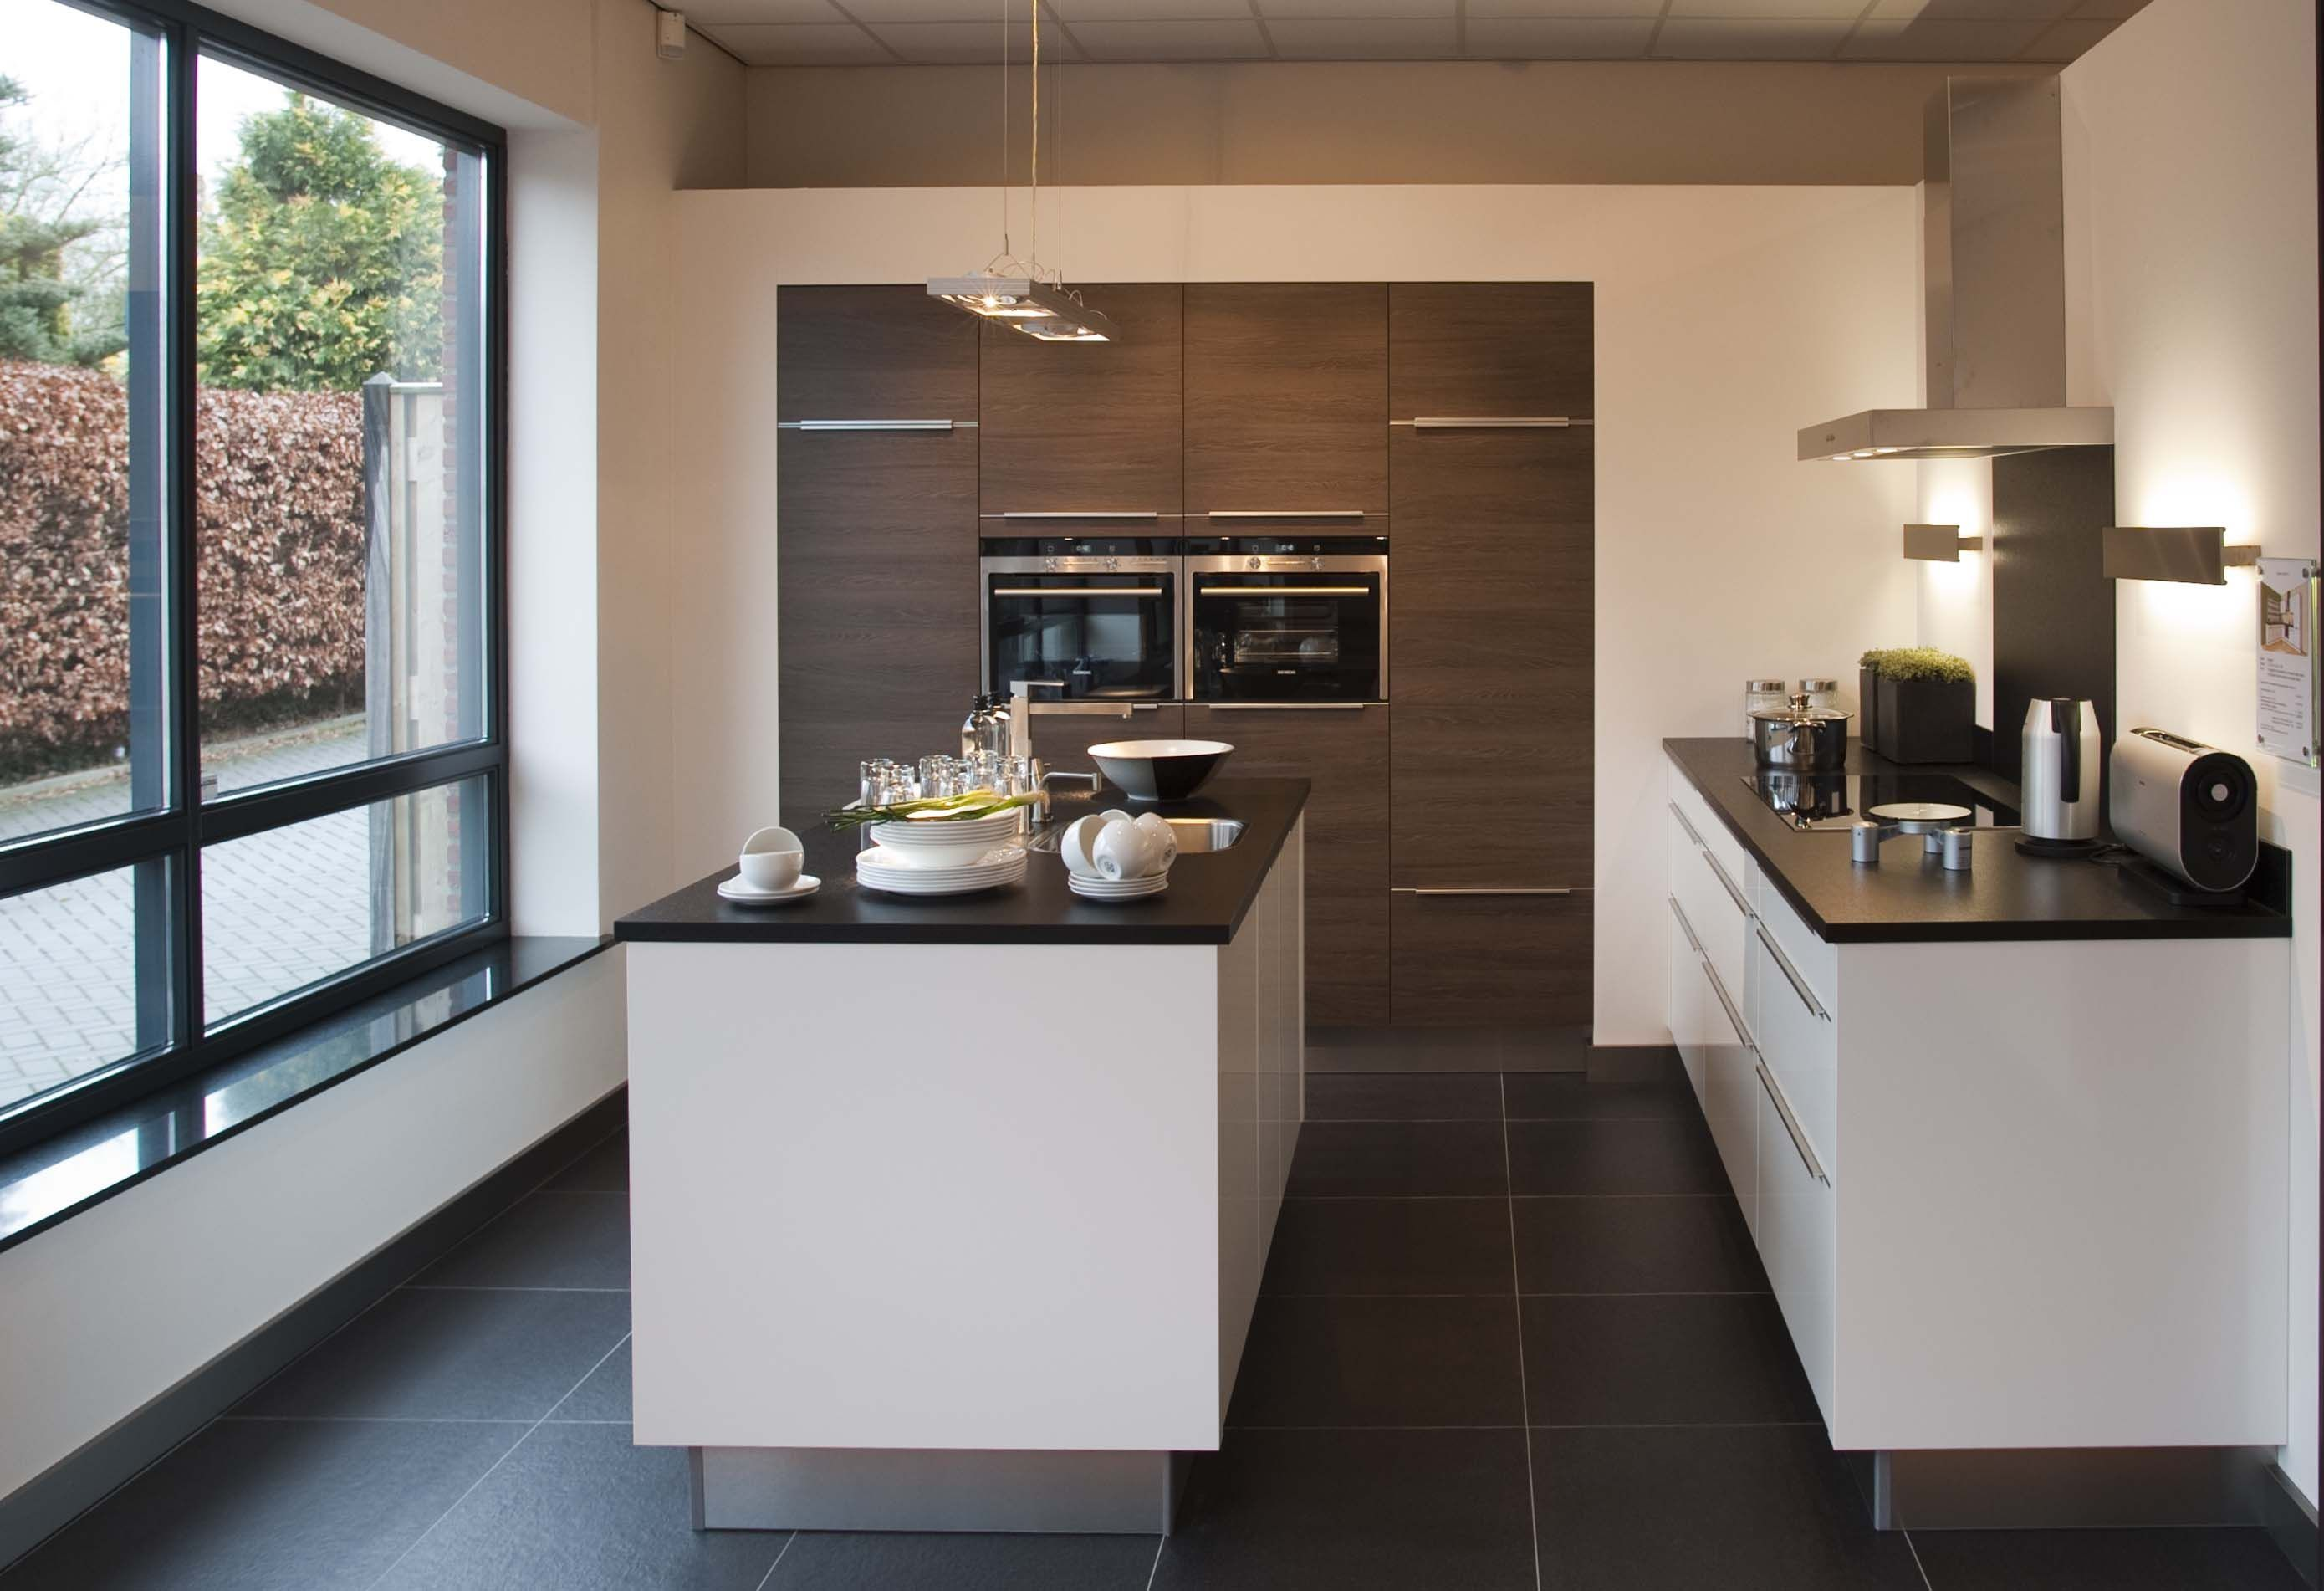 L keuken met eiland keukens zijlstra keuken studio piz zapp mit